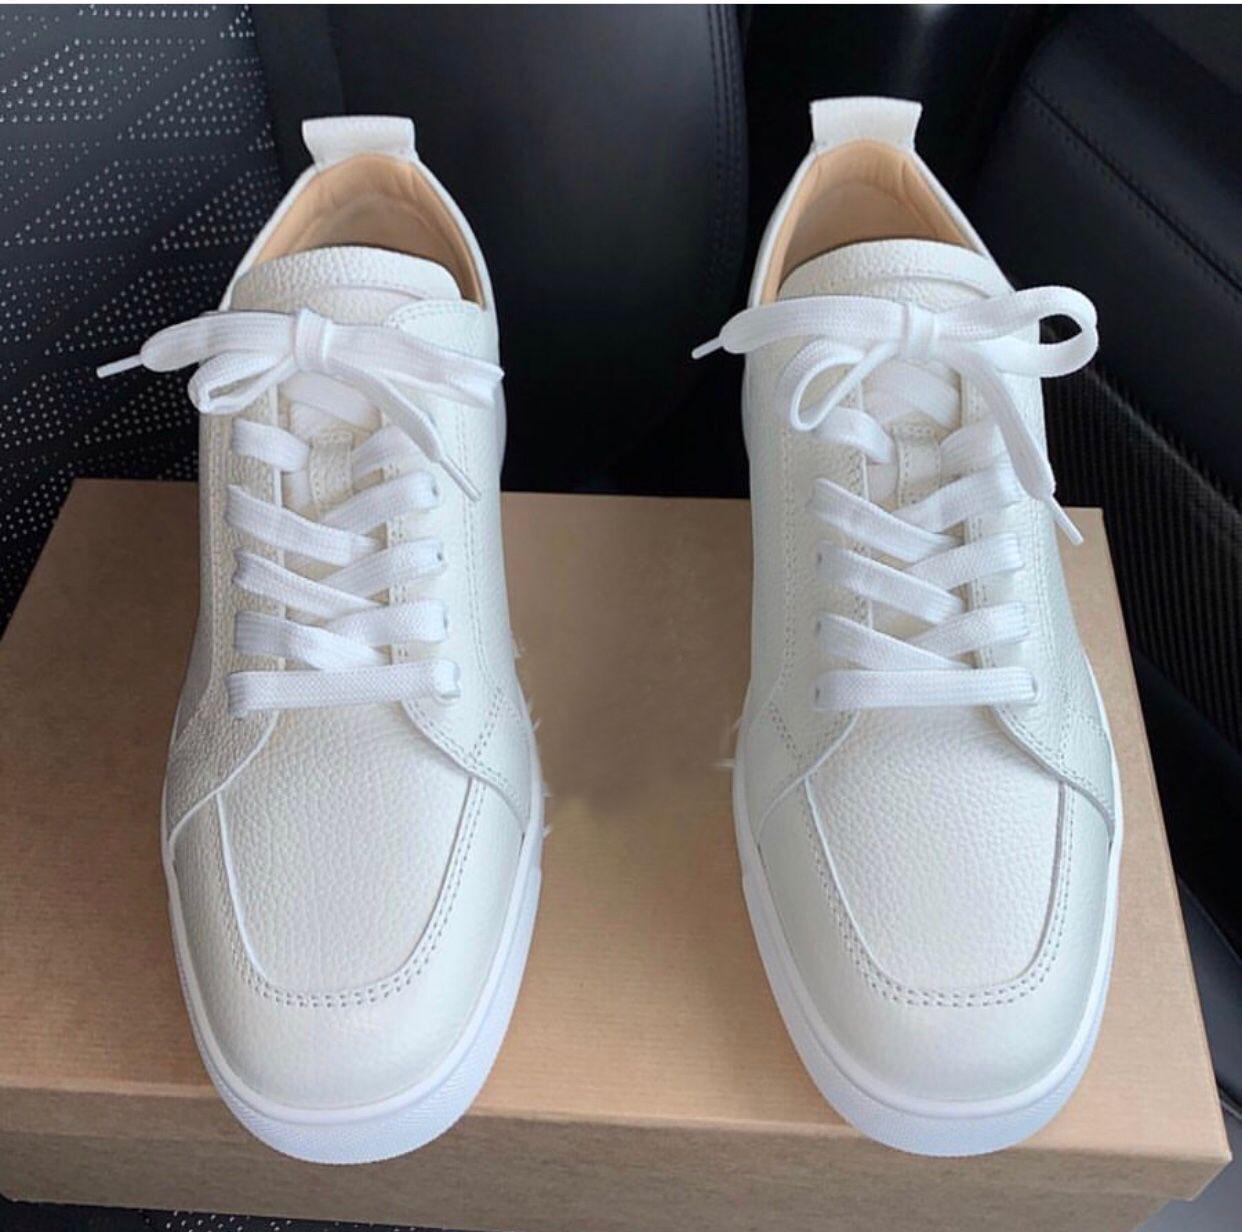 [Orijinal Kutusu] En Kaliteli Kadınlar Sneaker Man Rantulow Deri Casual Düz Beyaz, Siyah, Nü EU35-46 ile Yeni Tasarımcı Erkek Kırmızı Alt Ayakkabı